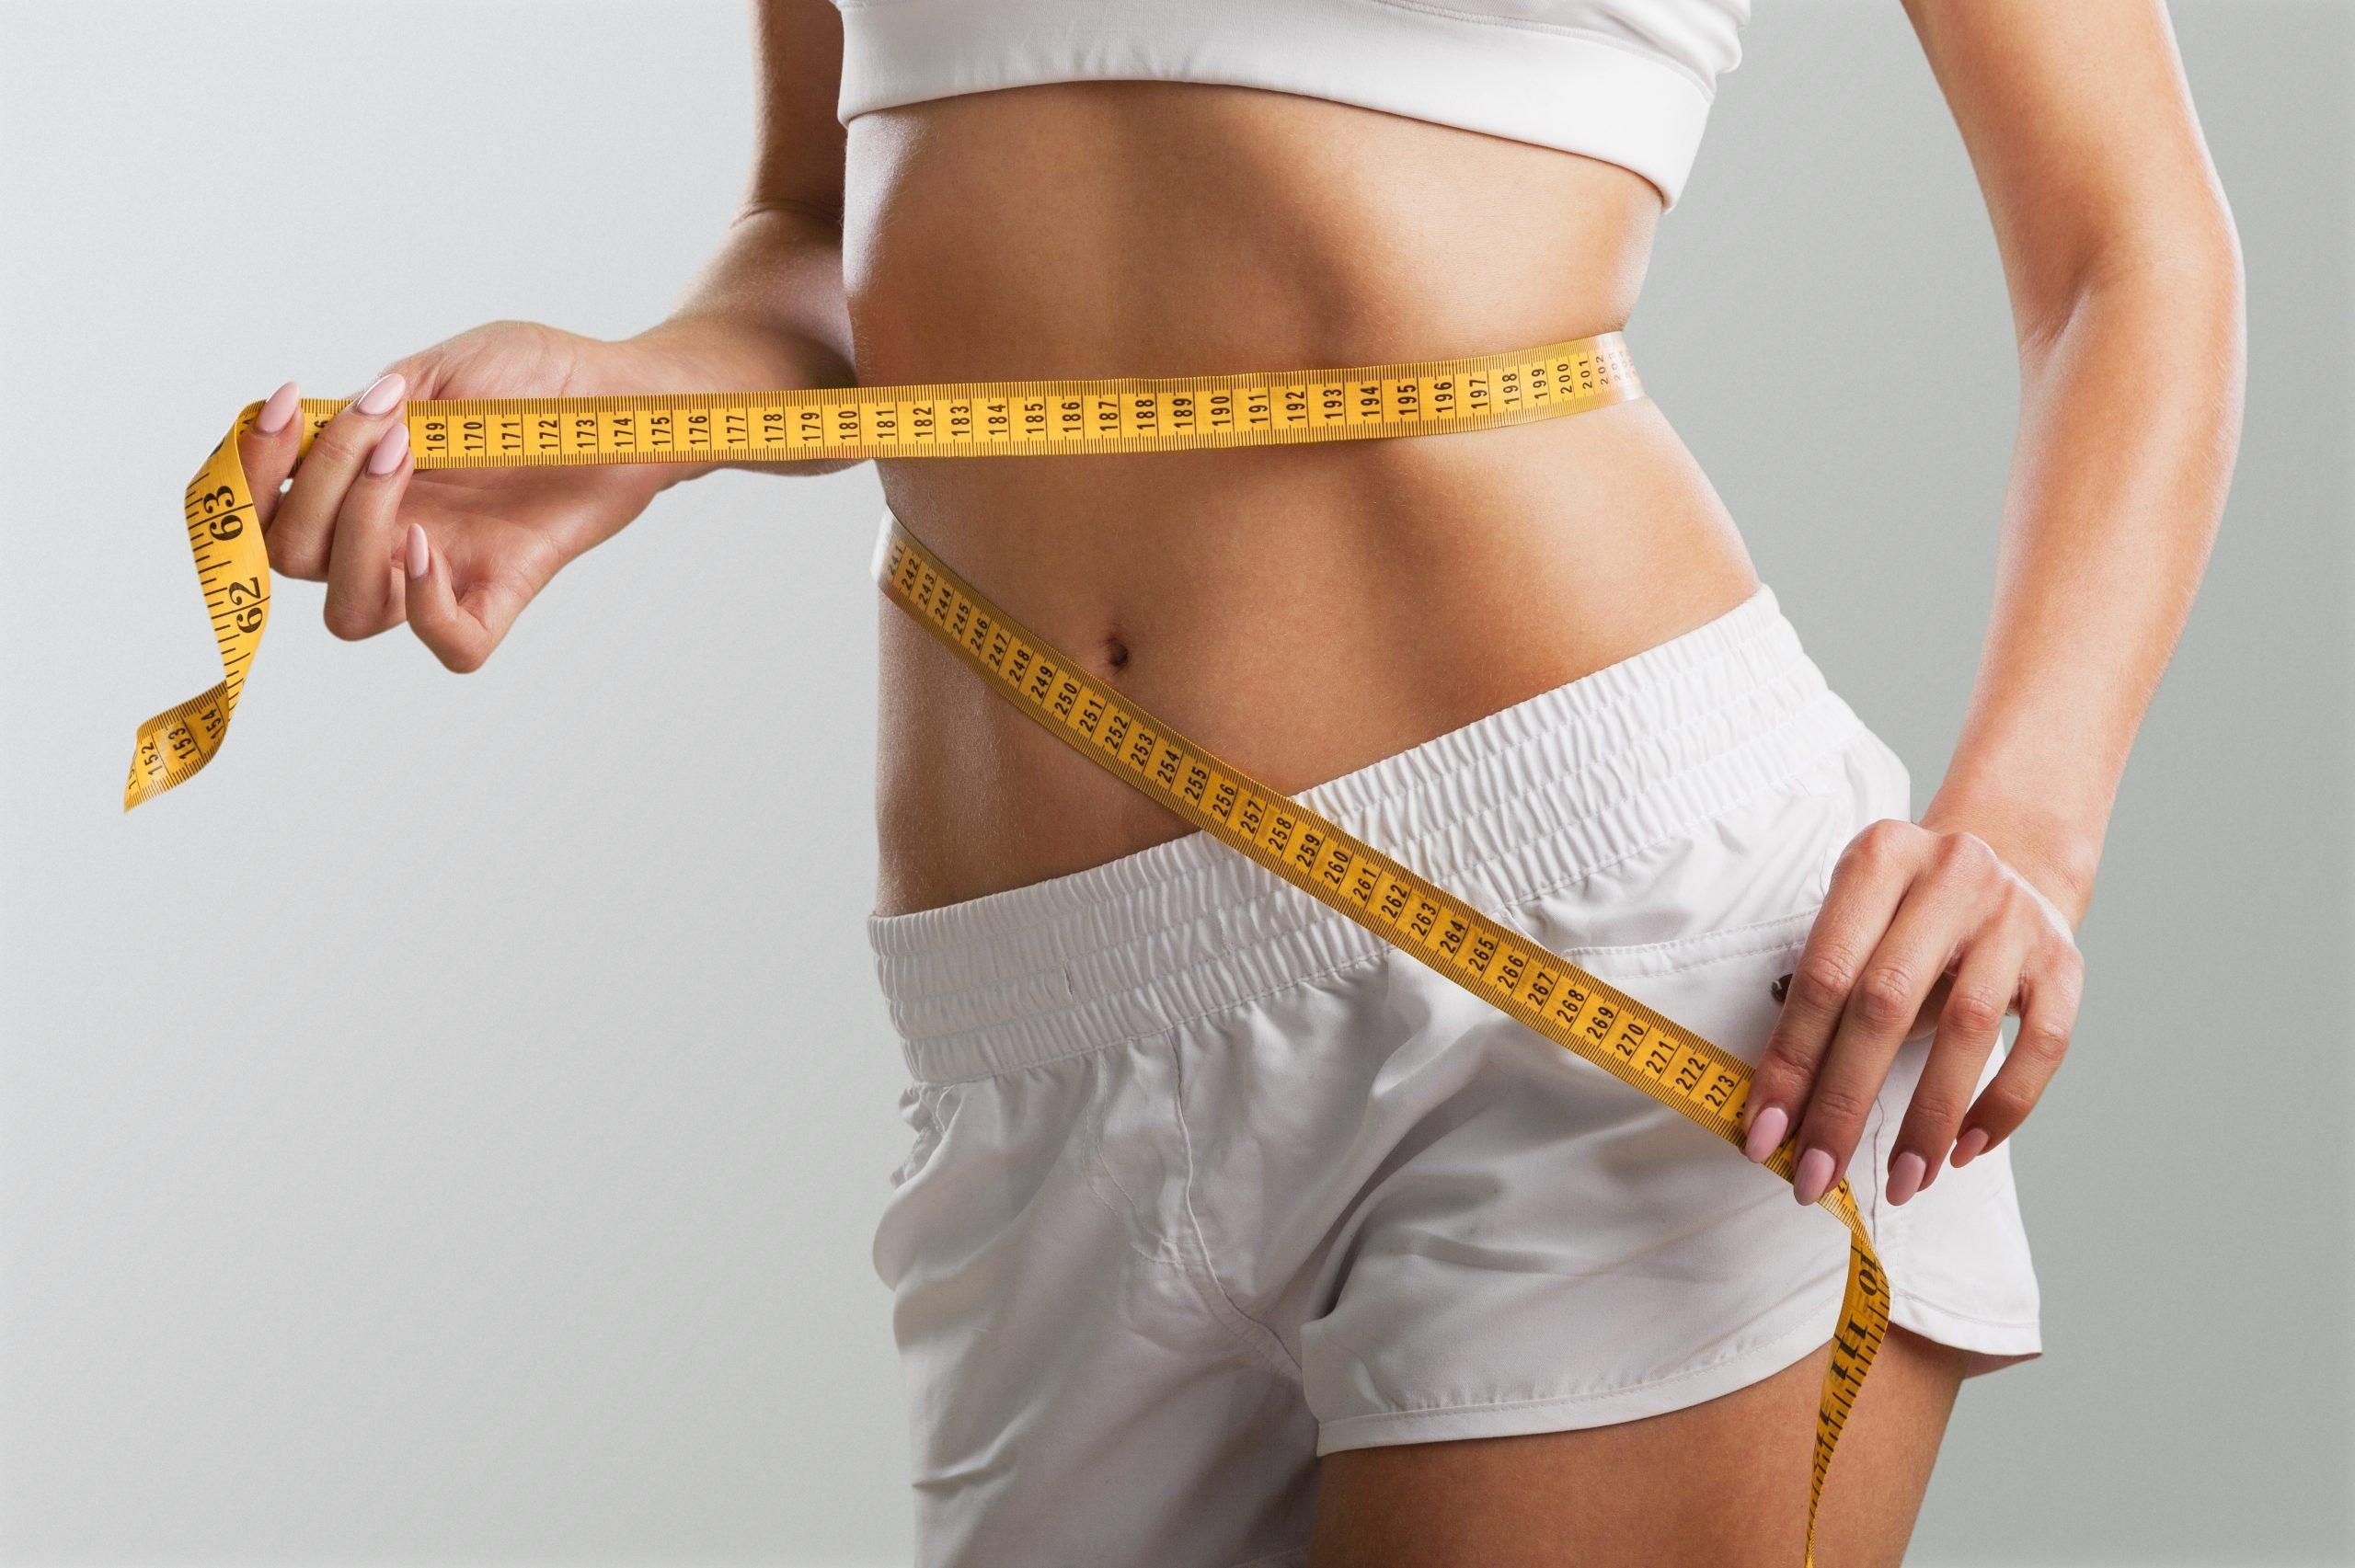 pierdere în greutate vergeturi înainte și după pierderea în greutate după metadonă